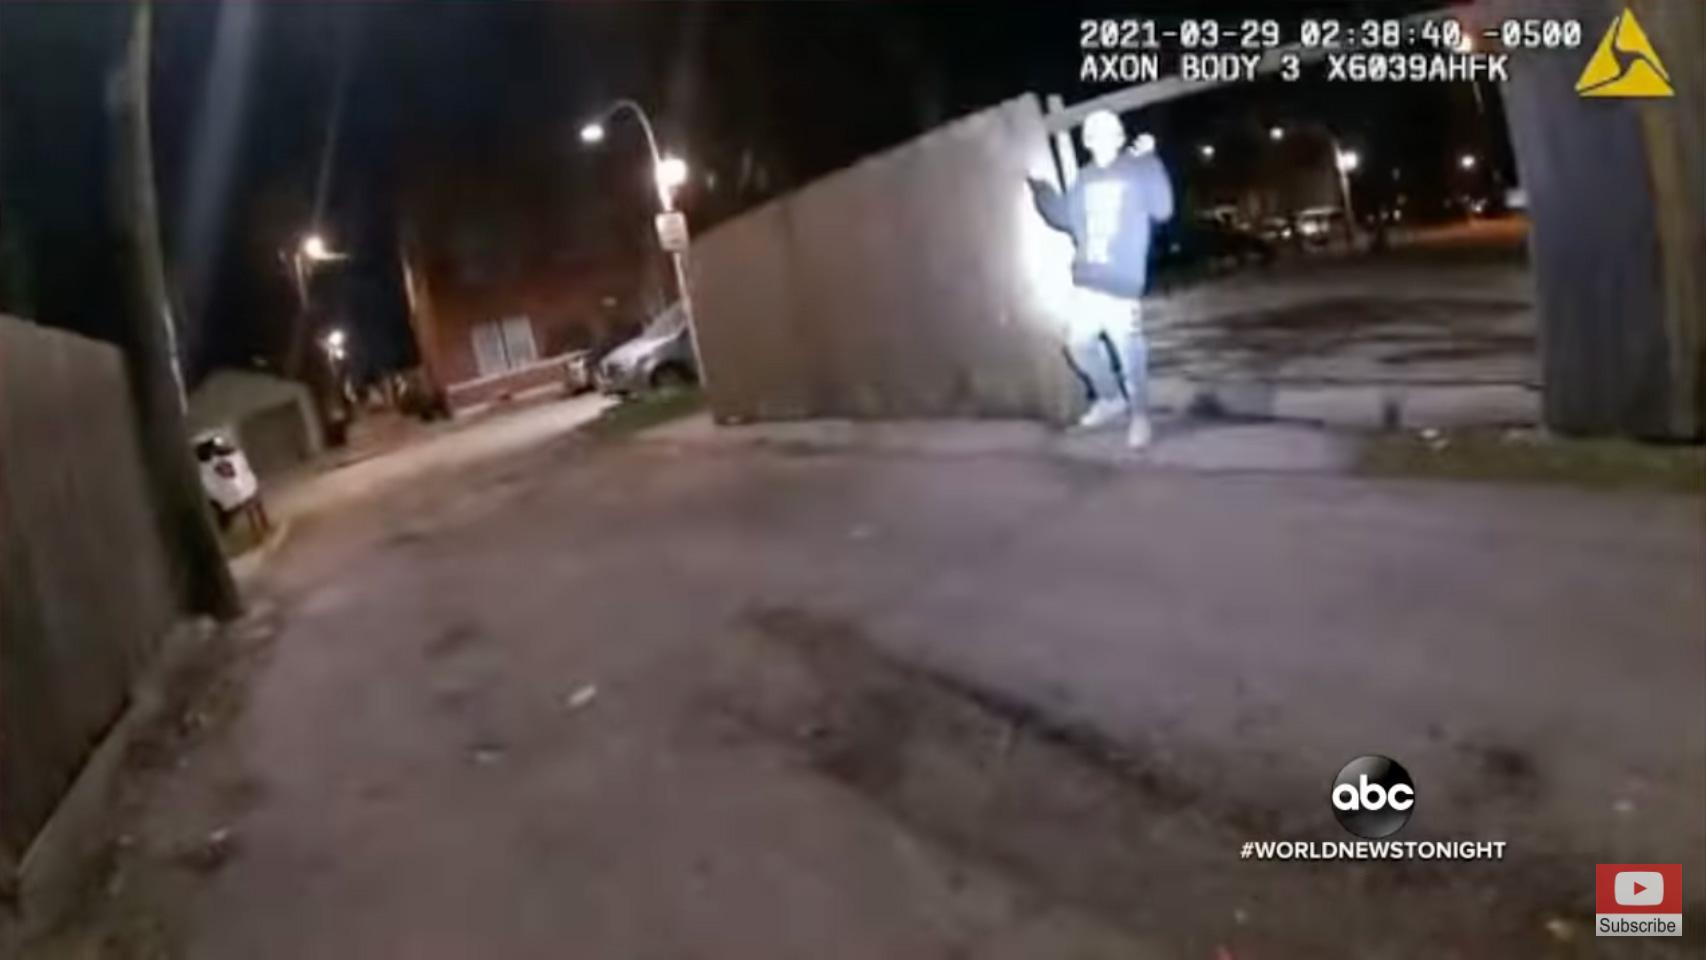 Νέο βίντεο σοκ στις ΗΠΑ: Αστυνομικός πυροβολεί 13χρονο που έχει σηκώσει τα χέρια ψηλά